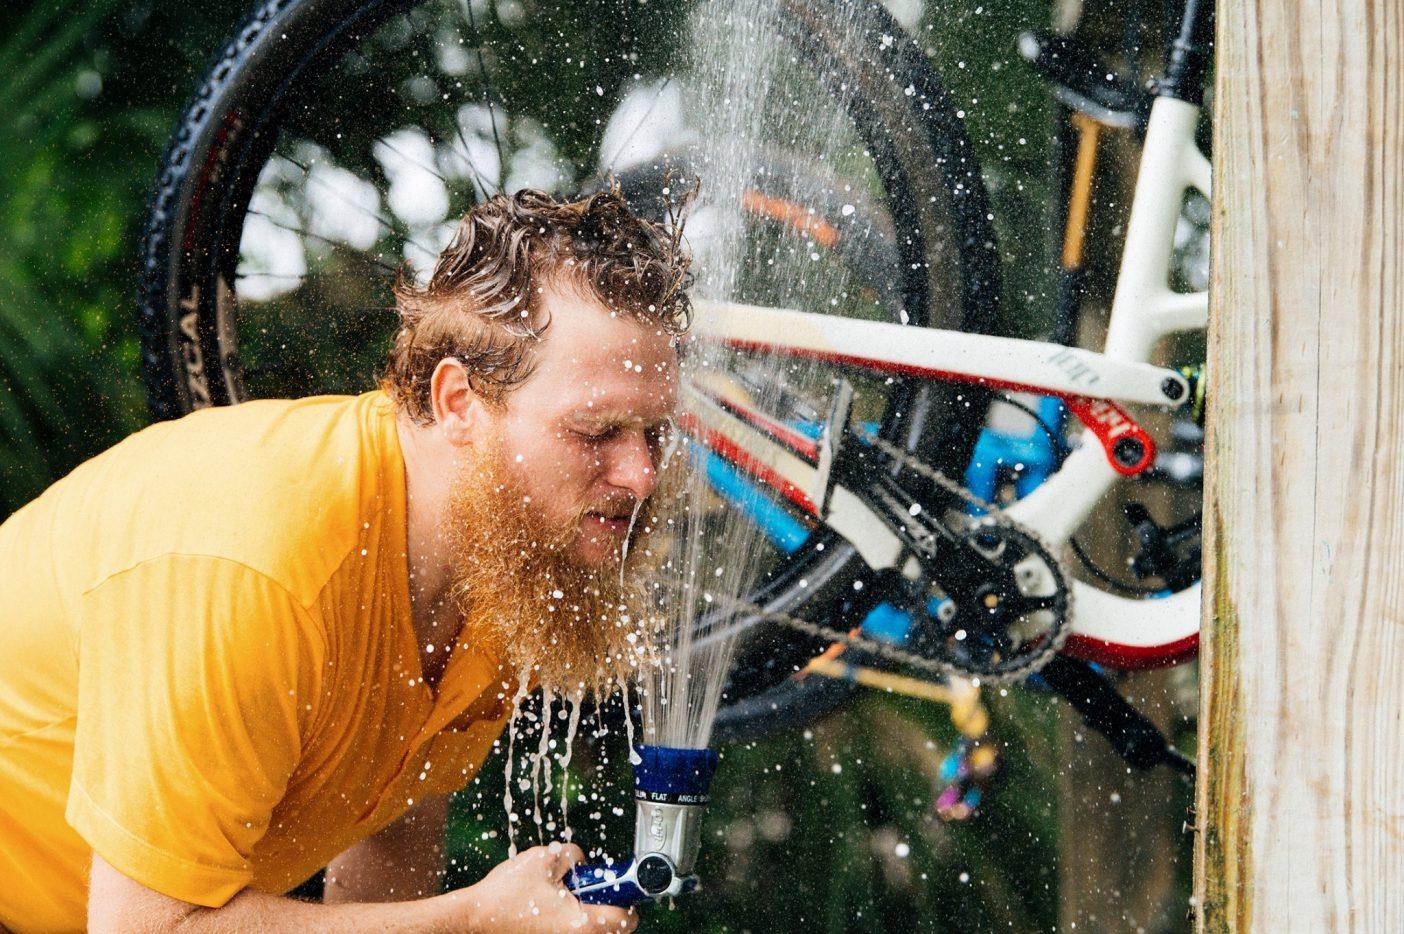 アラフィアのバイク洗車場は、夏の嵐のあとの泥だらけのライディングには欠かせない。そして気温30度以上の日に涼むにはさらに重宝することを実演してみせる〈スワンプ〉の会長シェーン・リッチソン。Photo : Nathalie DuPré